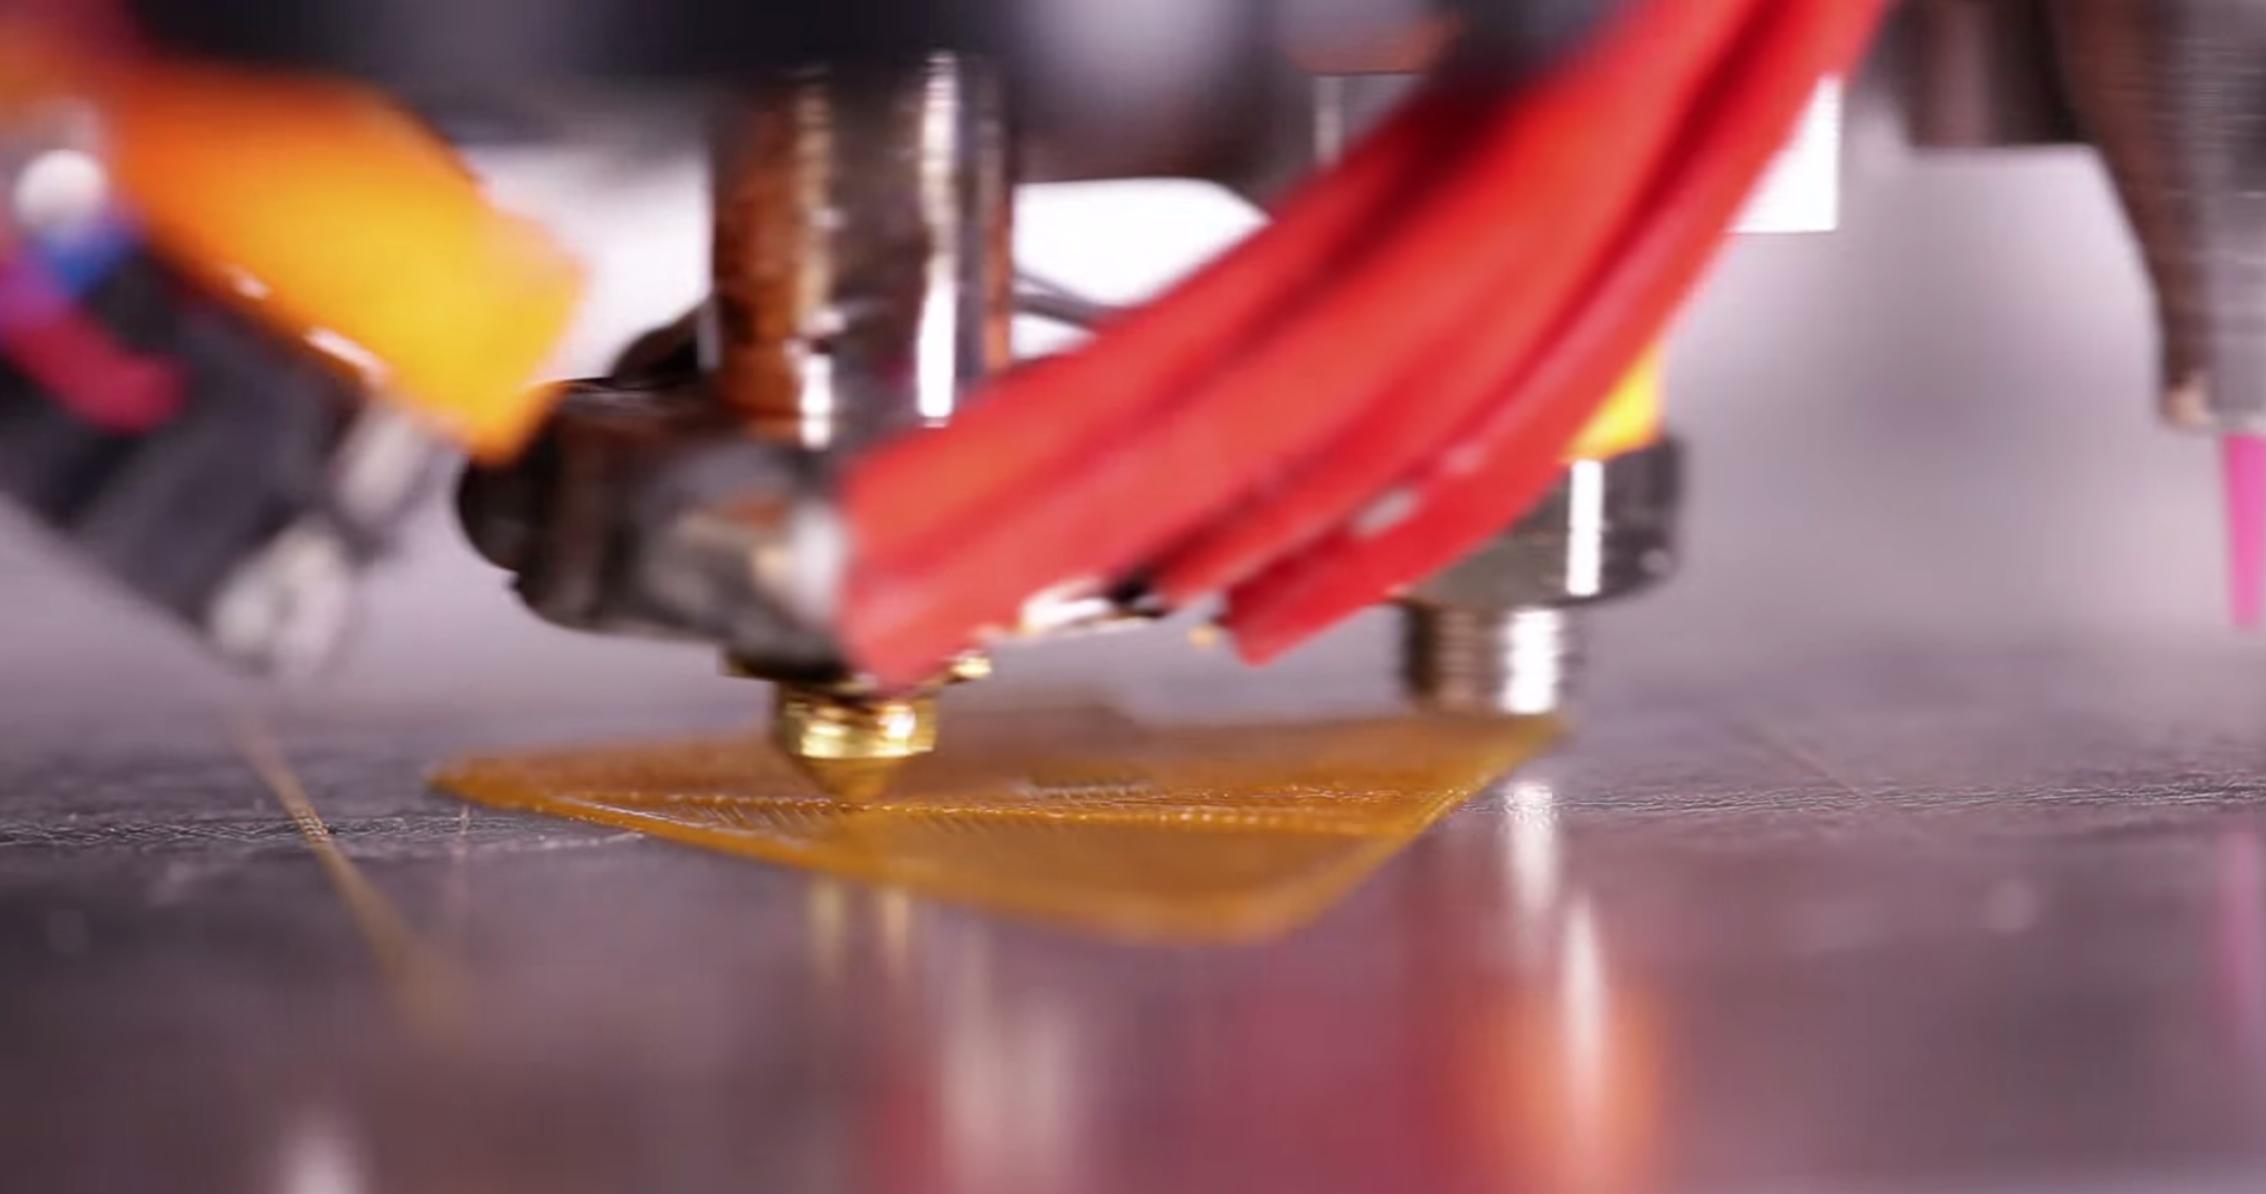 3Dプリンターとして樹脂をプリント